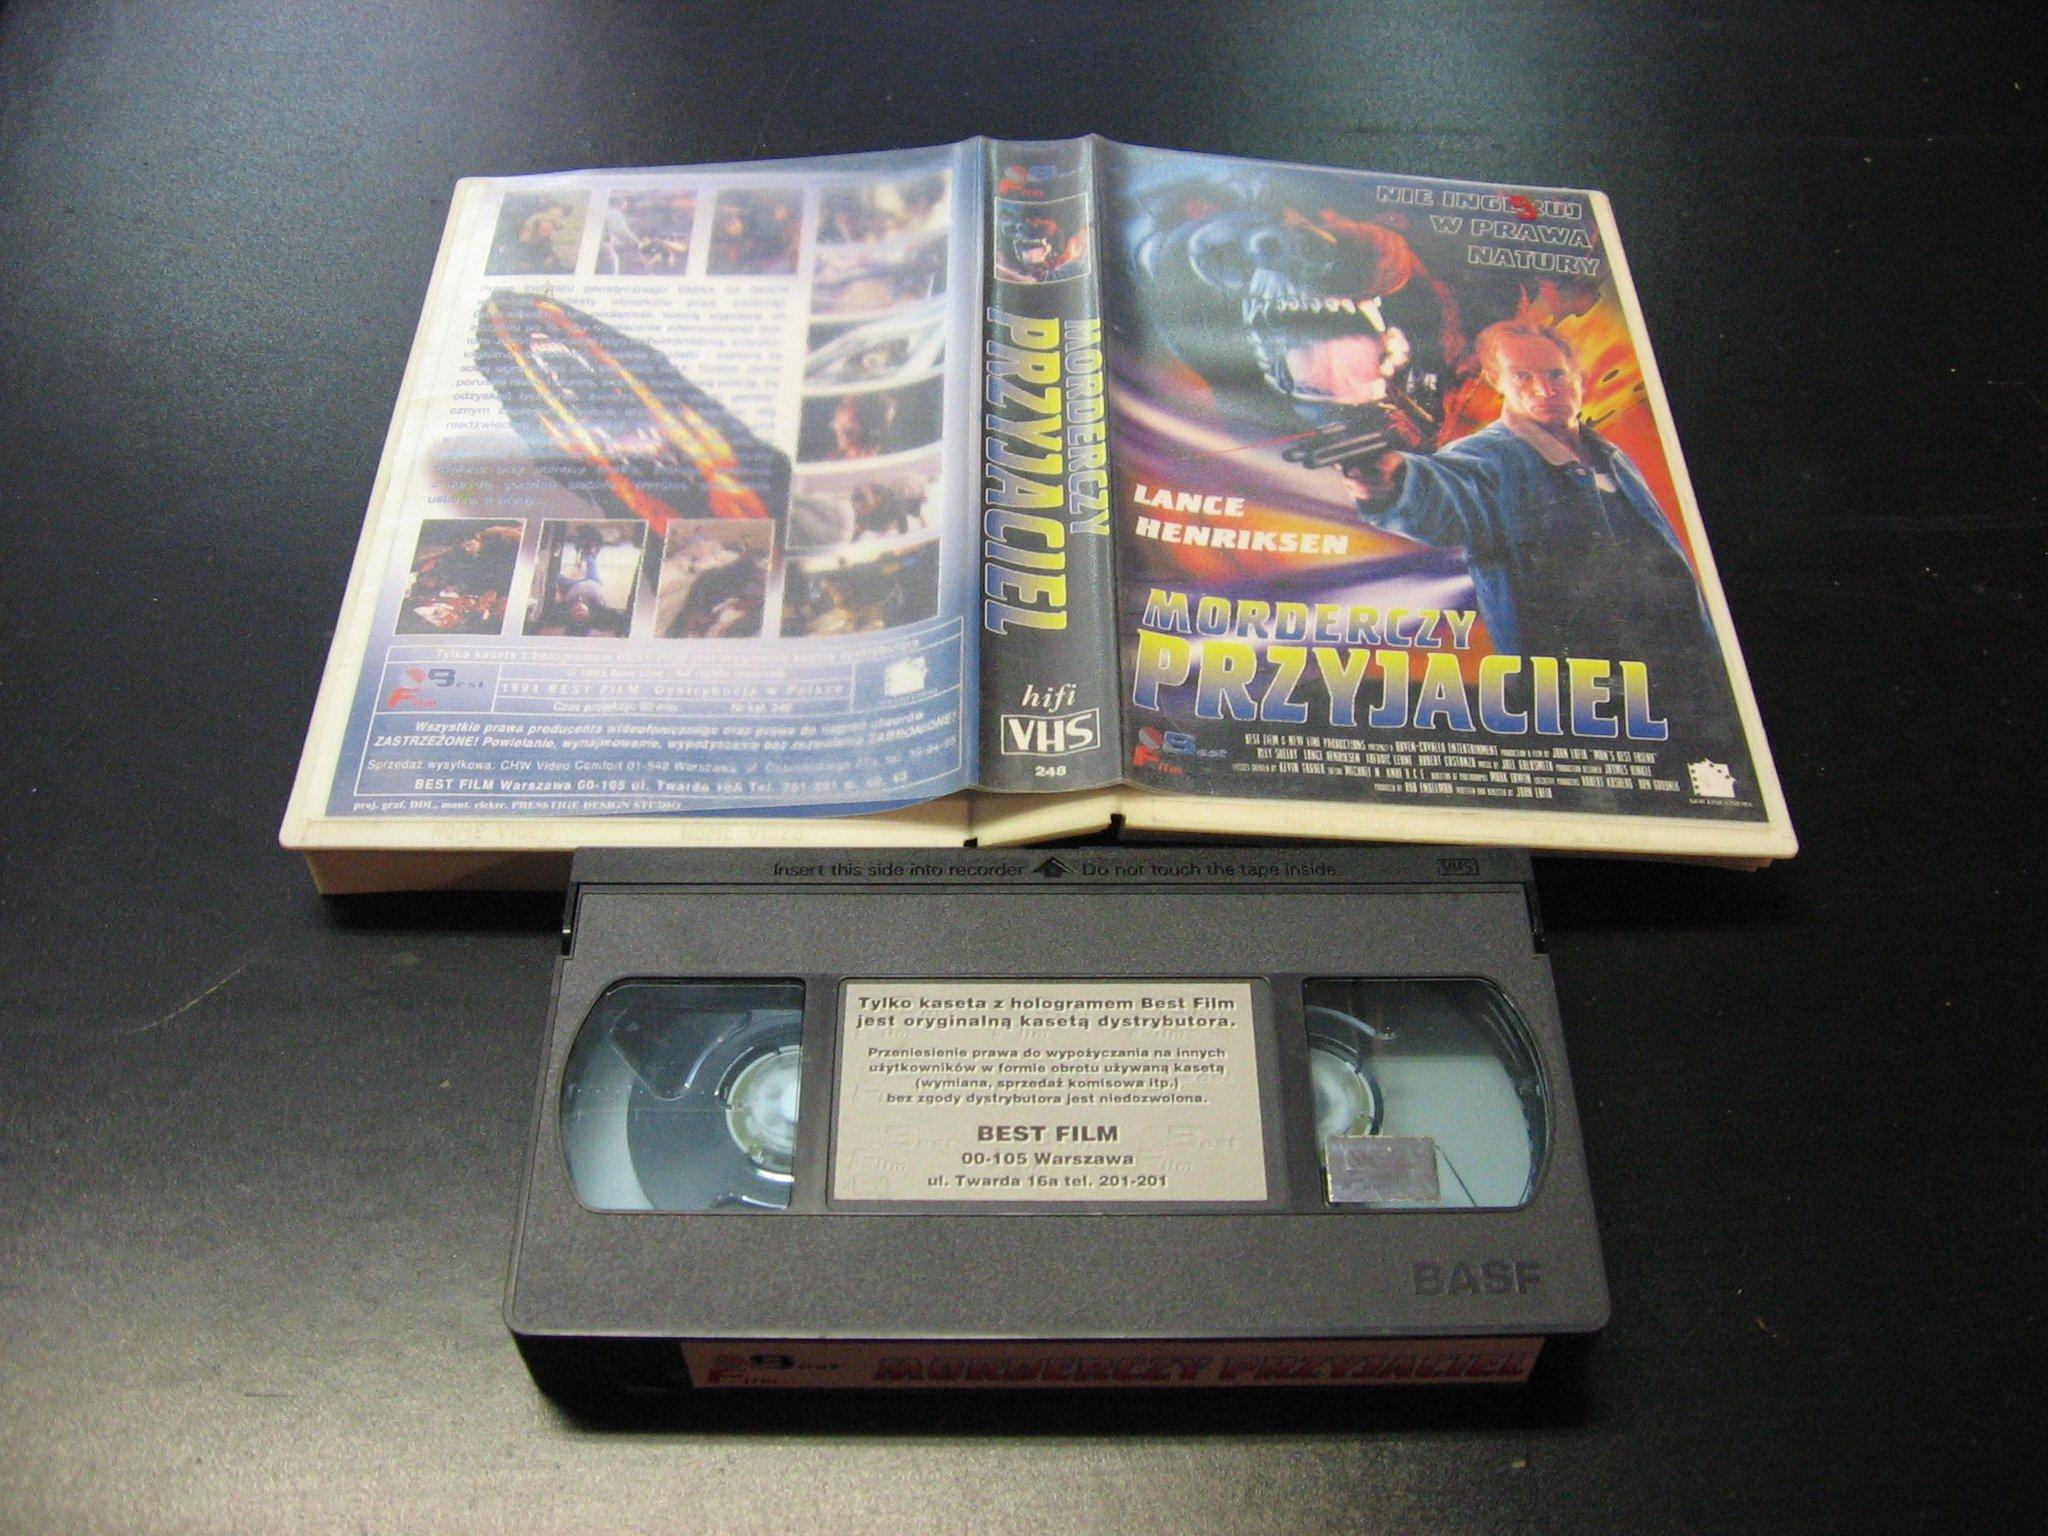 MORDERCZY PRZYJACIEL -  kaseta VHS - 0882 Opole - AlleOpole.pl